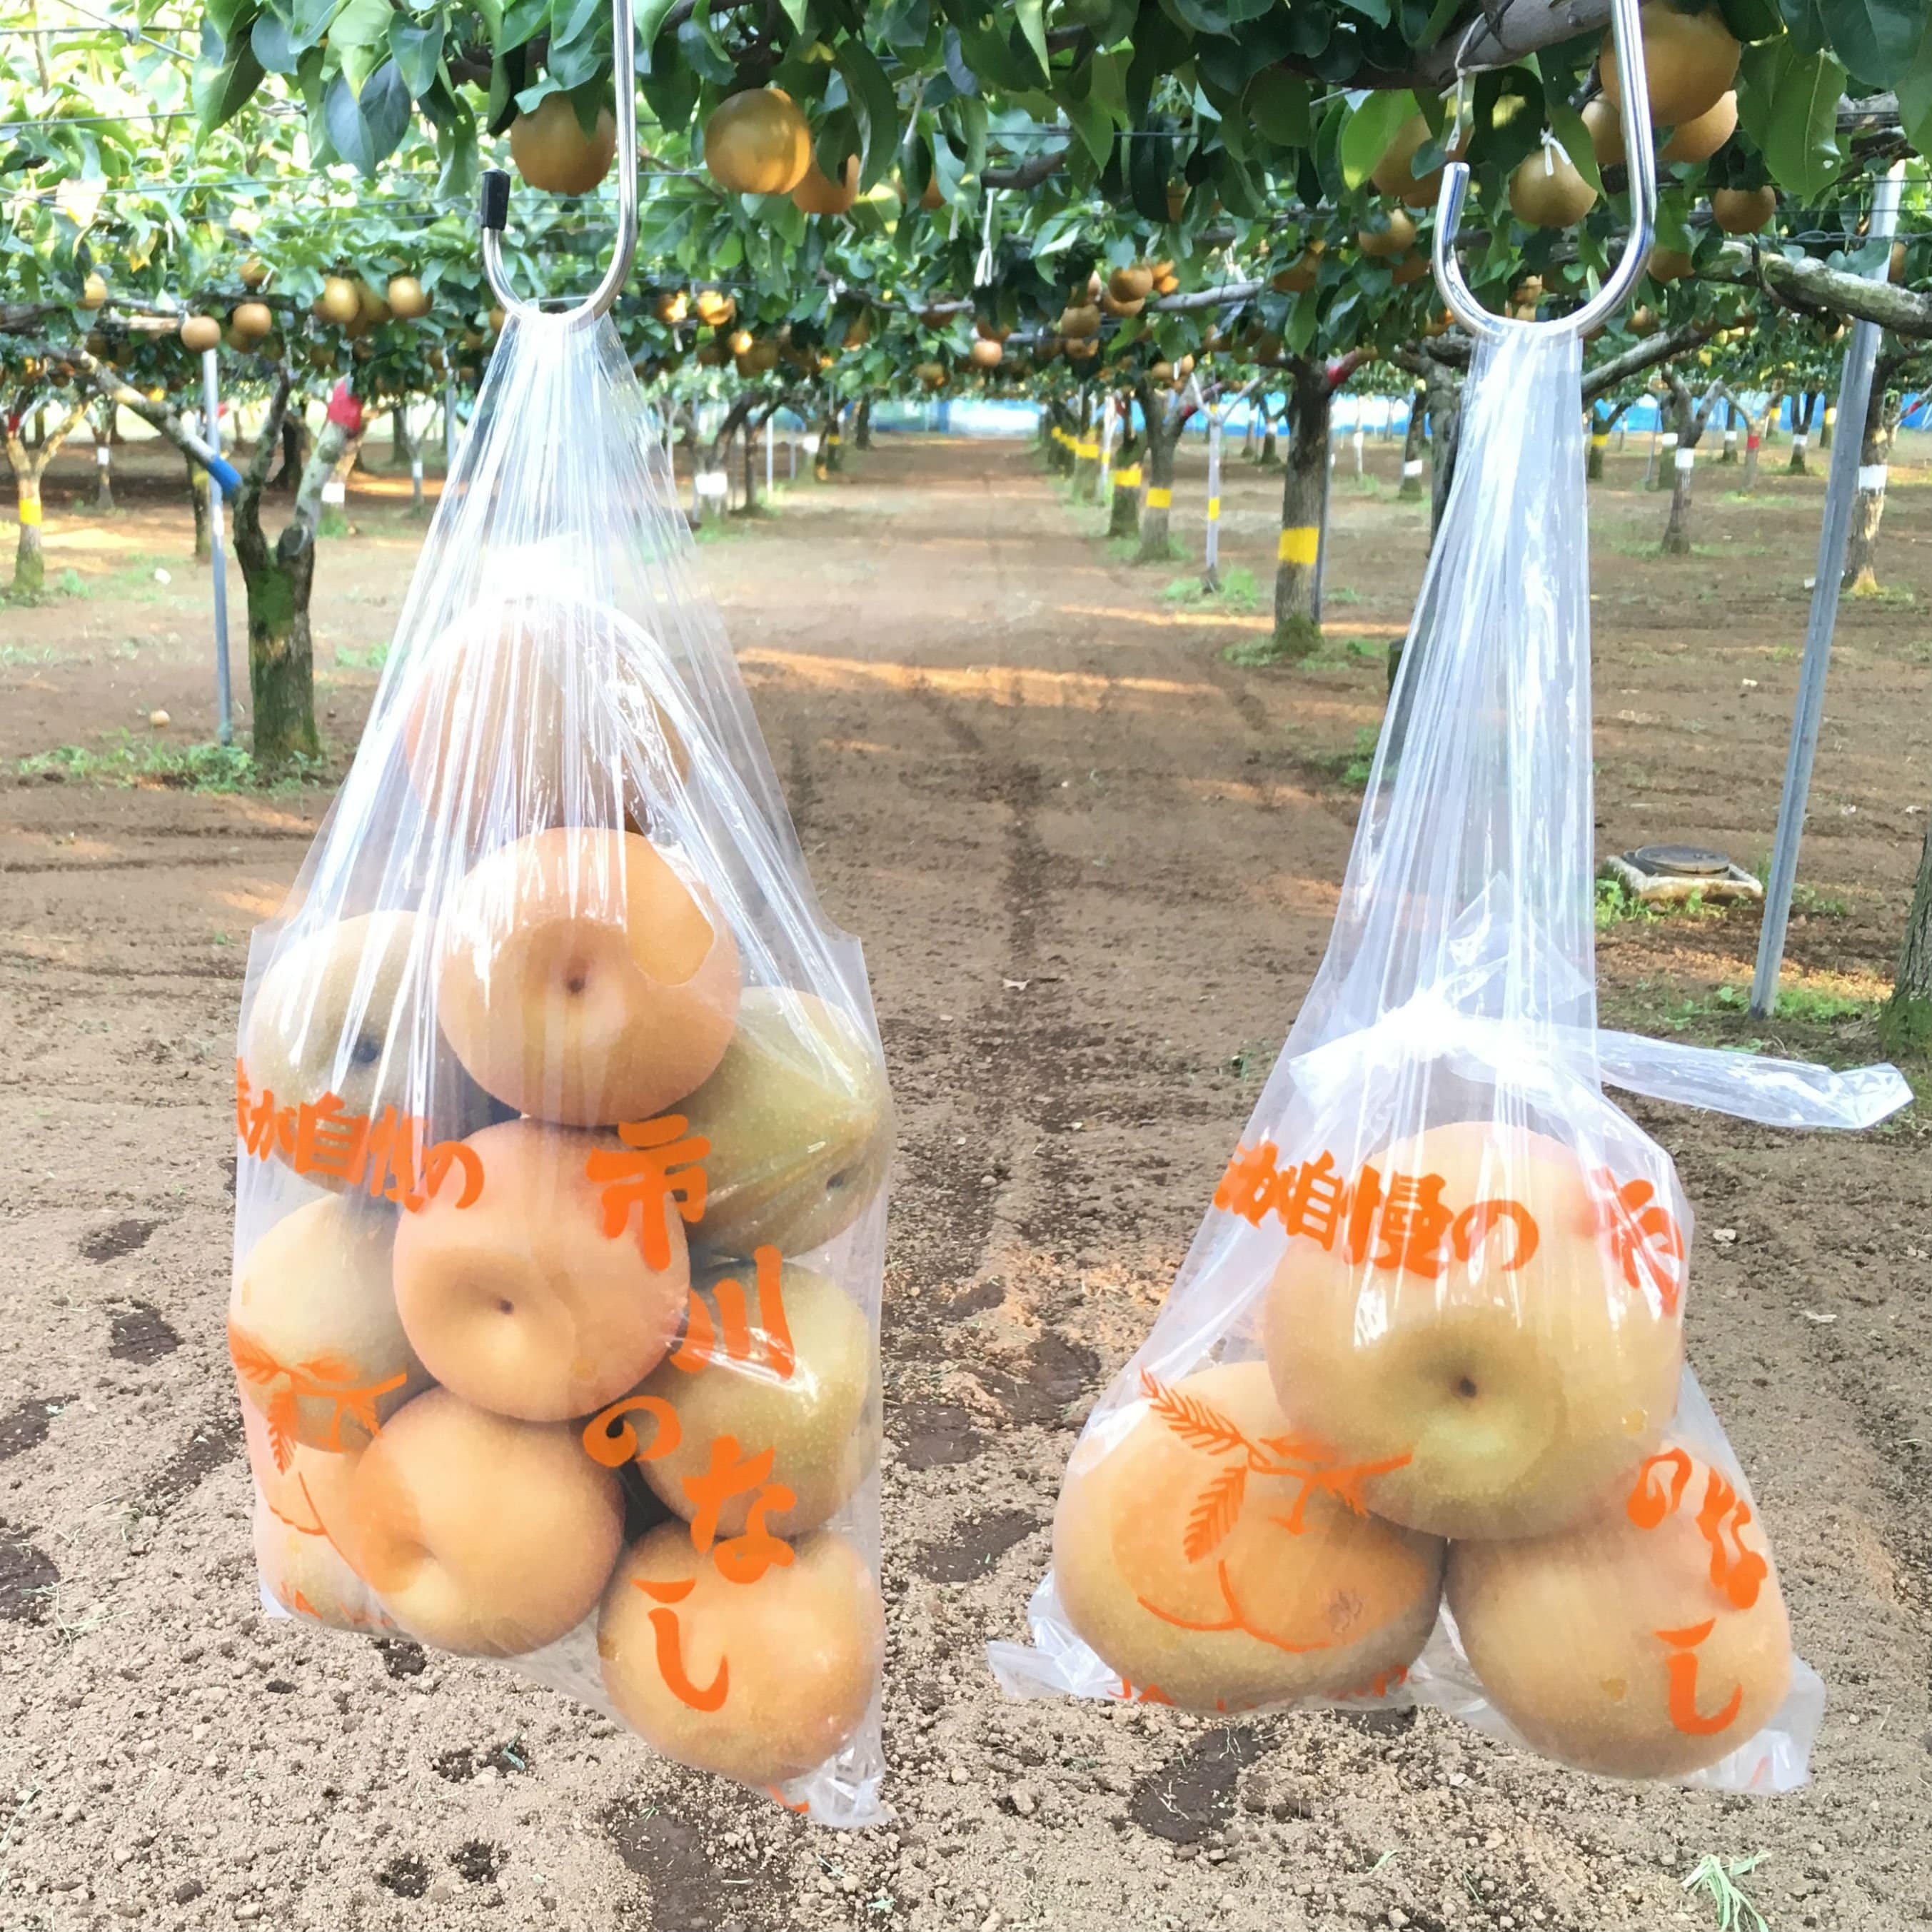 〜梨狩り体験〜 旬の梨をご自身で収穫してみてください♪ 梨狩り袋(約4㎏前後)&お得用梨袋(約2㎏)セットのイメージその1